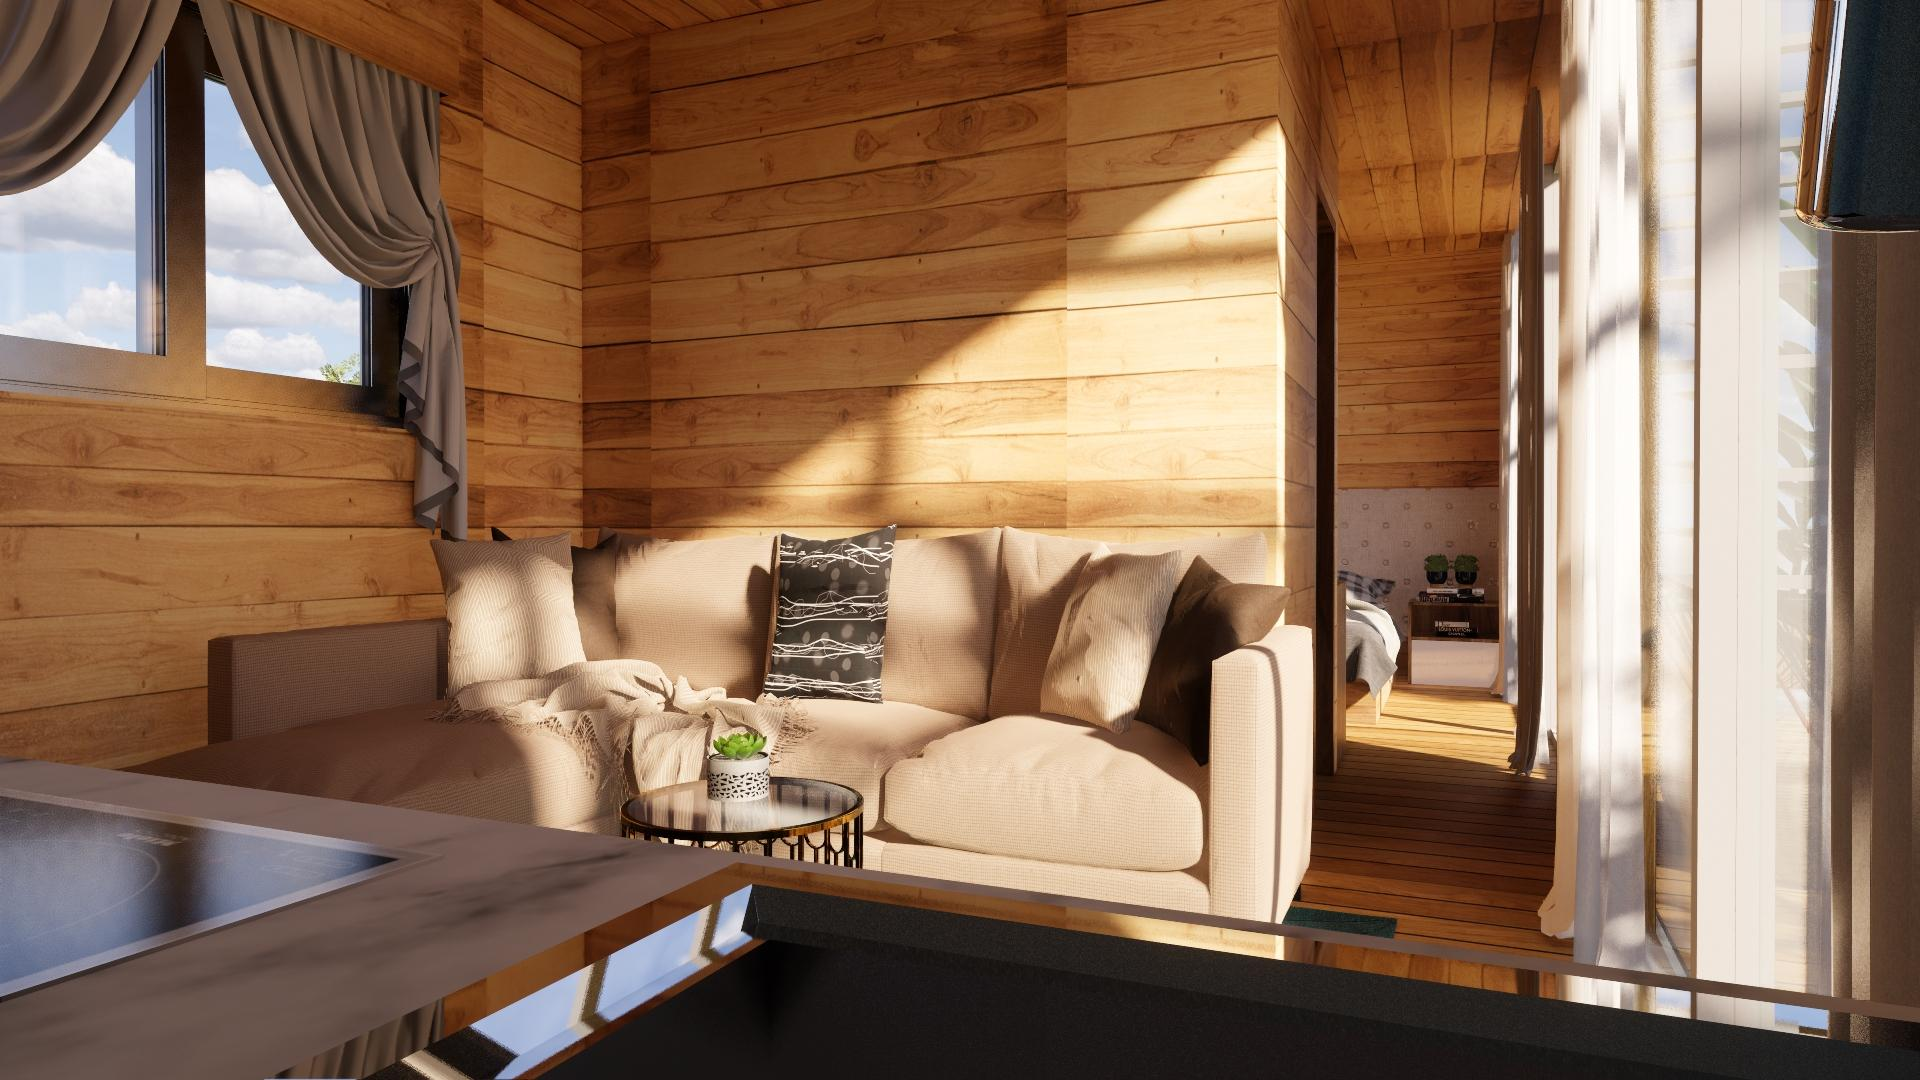 Nhà gỗ thông minh, xu hướng nhà hiện đại của tương lai